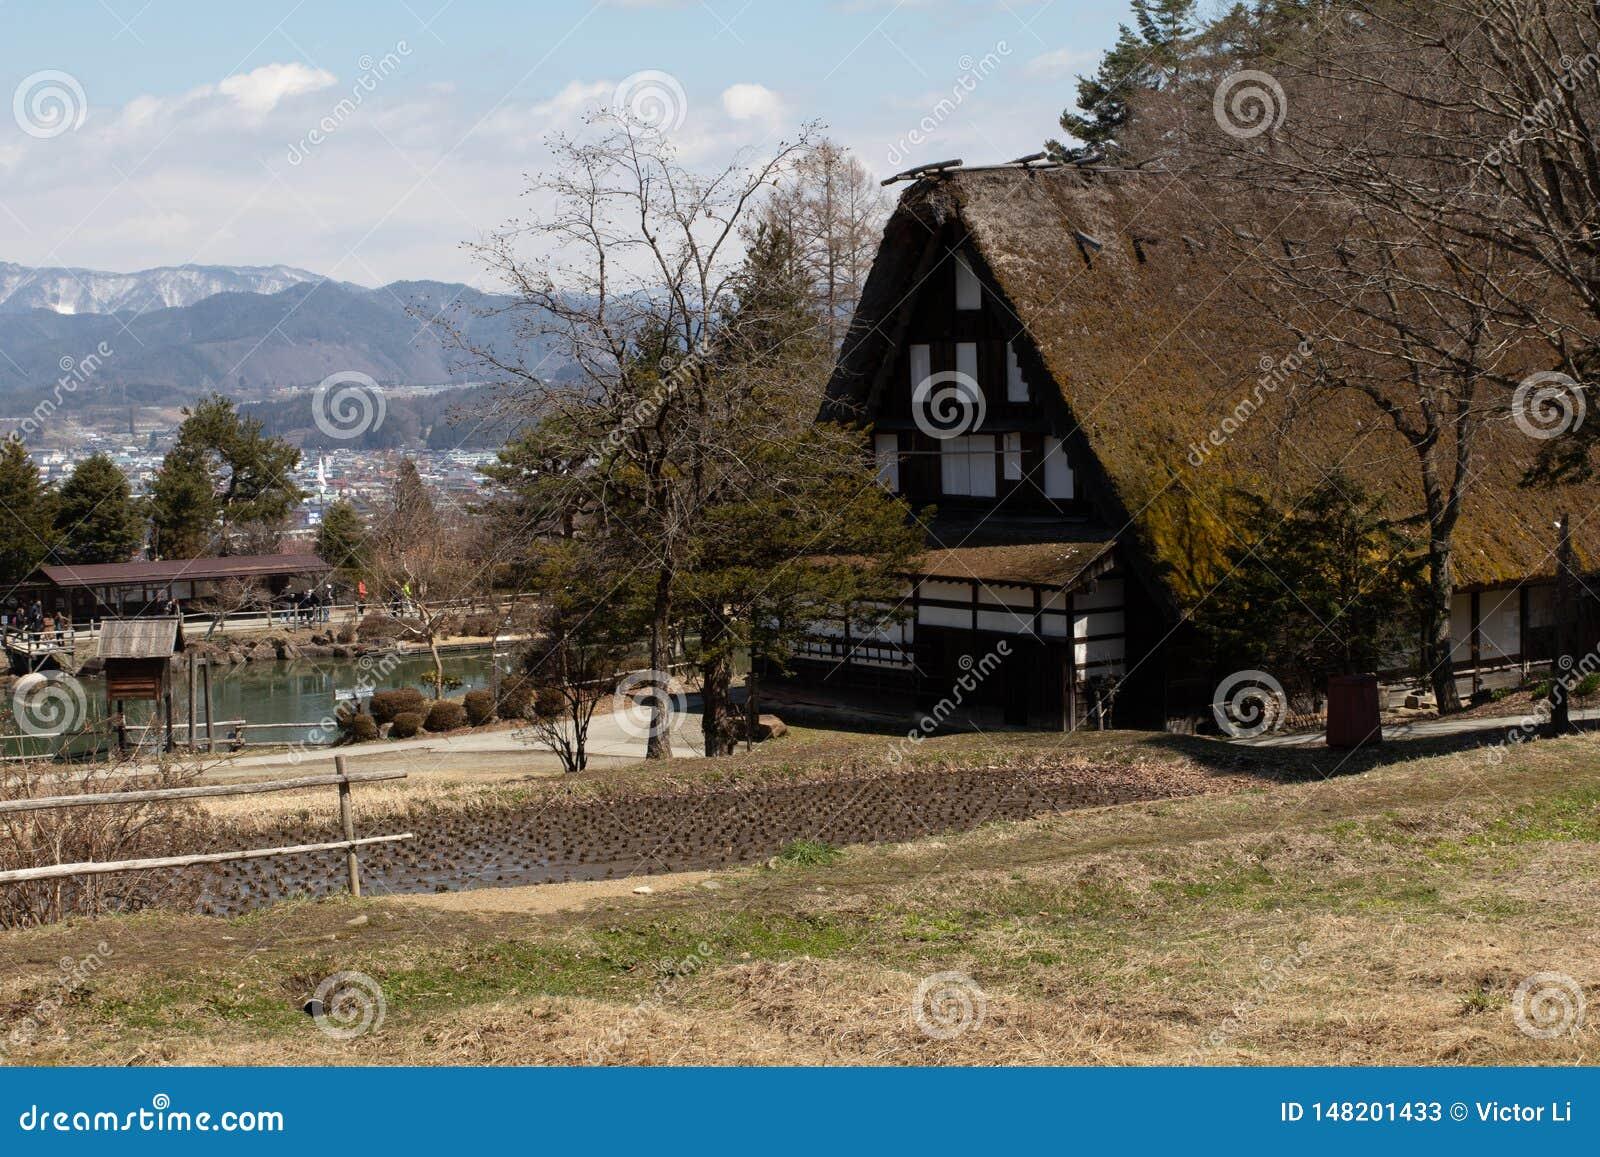 Fotografía escénica del paisaje de la primavera temprana de una casa de tejado cubierto con paja tradicional en Japón rural al la